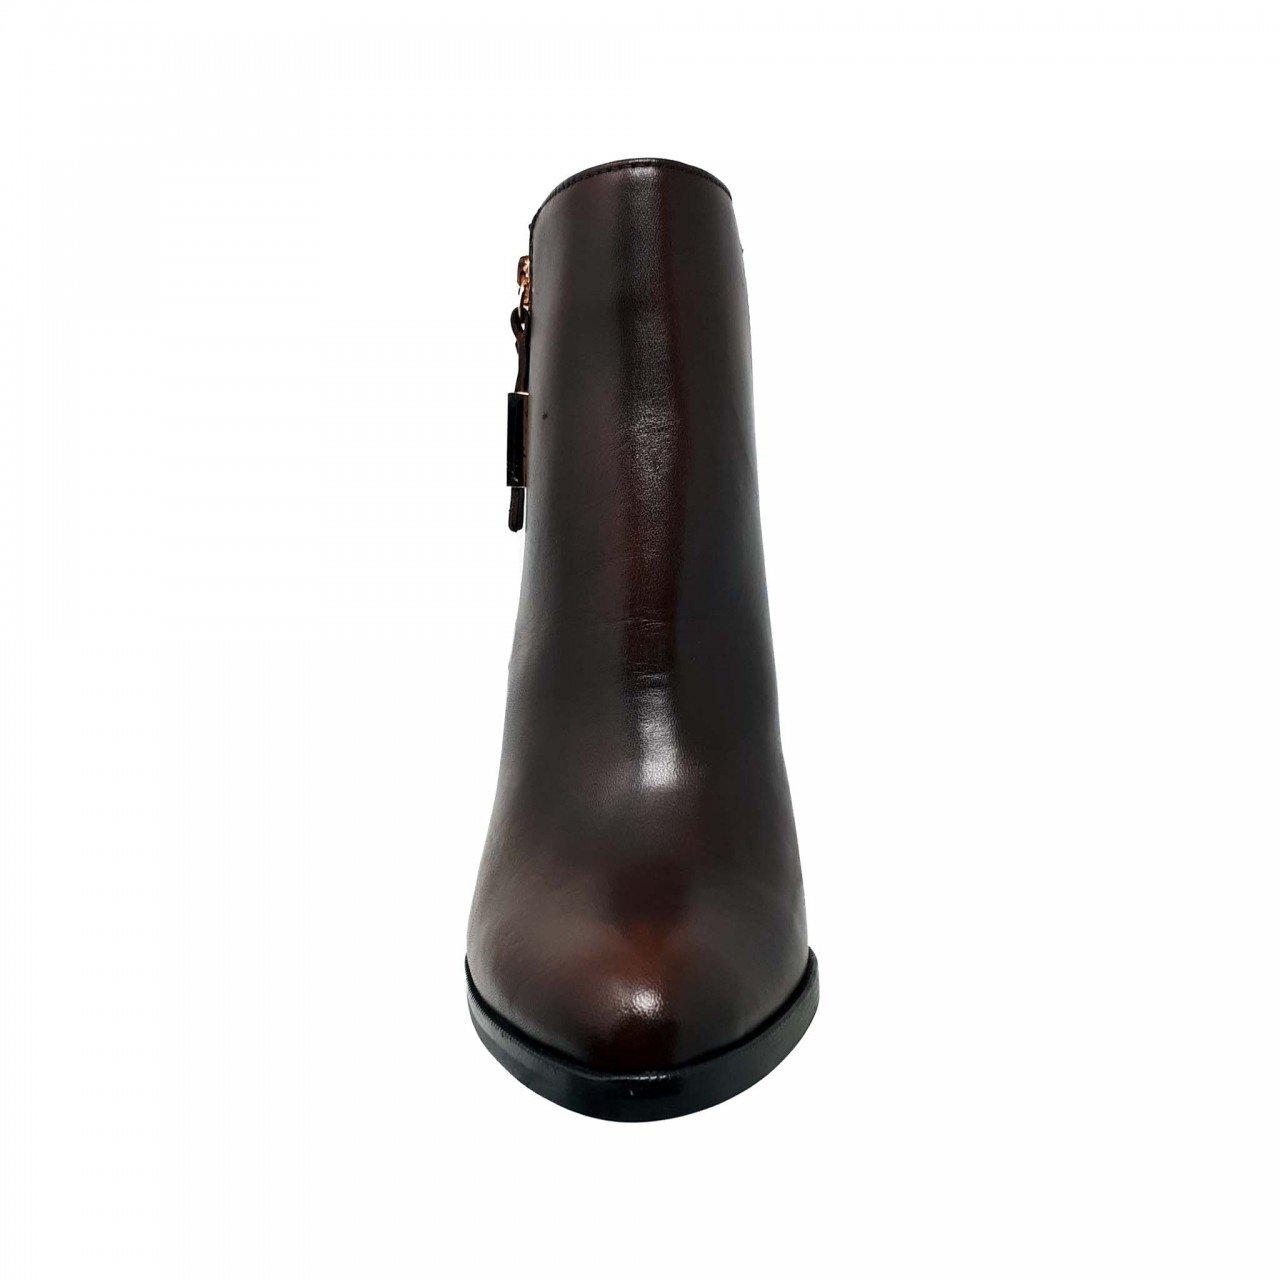 Botín en piel café coñac de mujer Gillio 721002